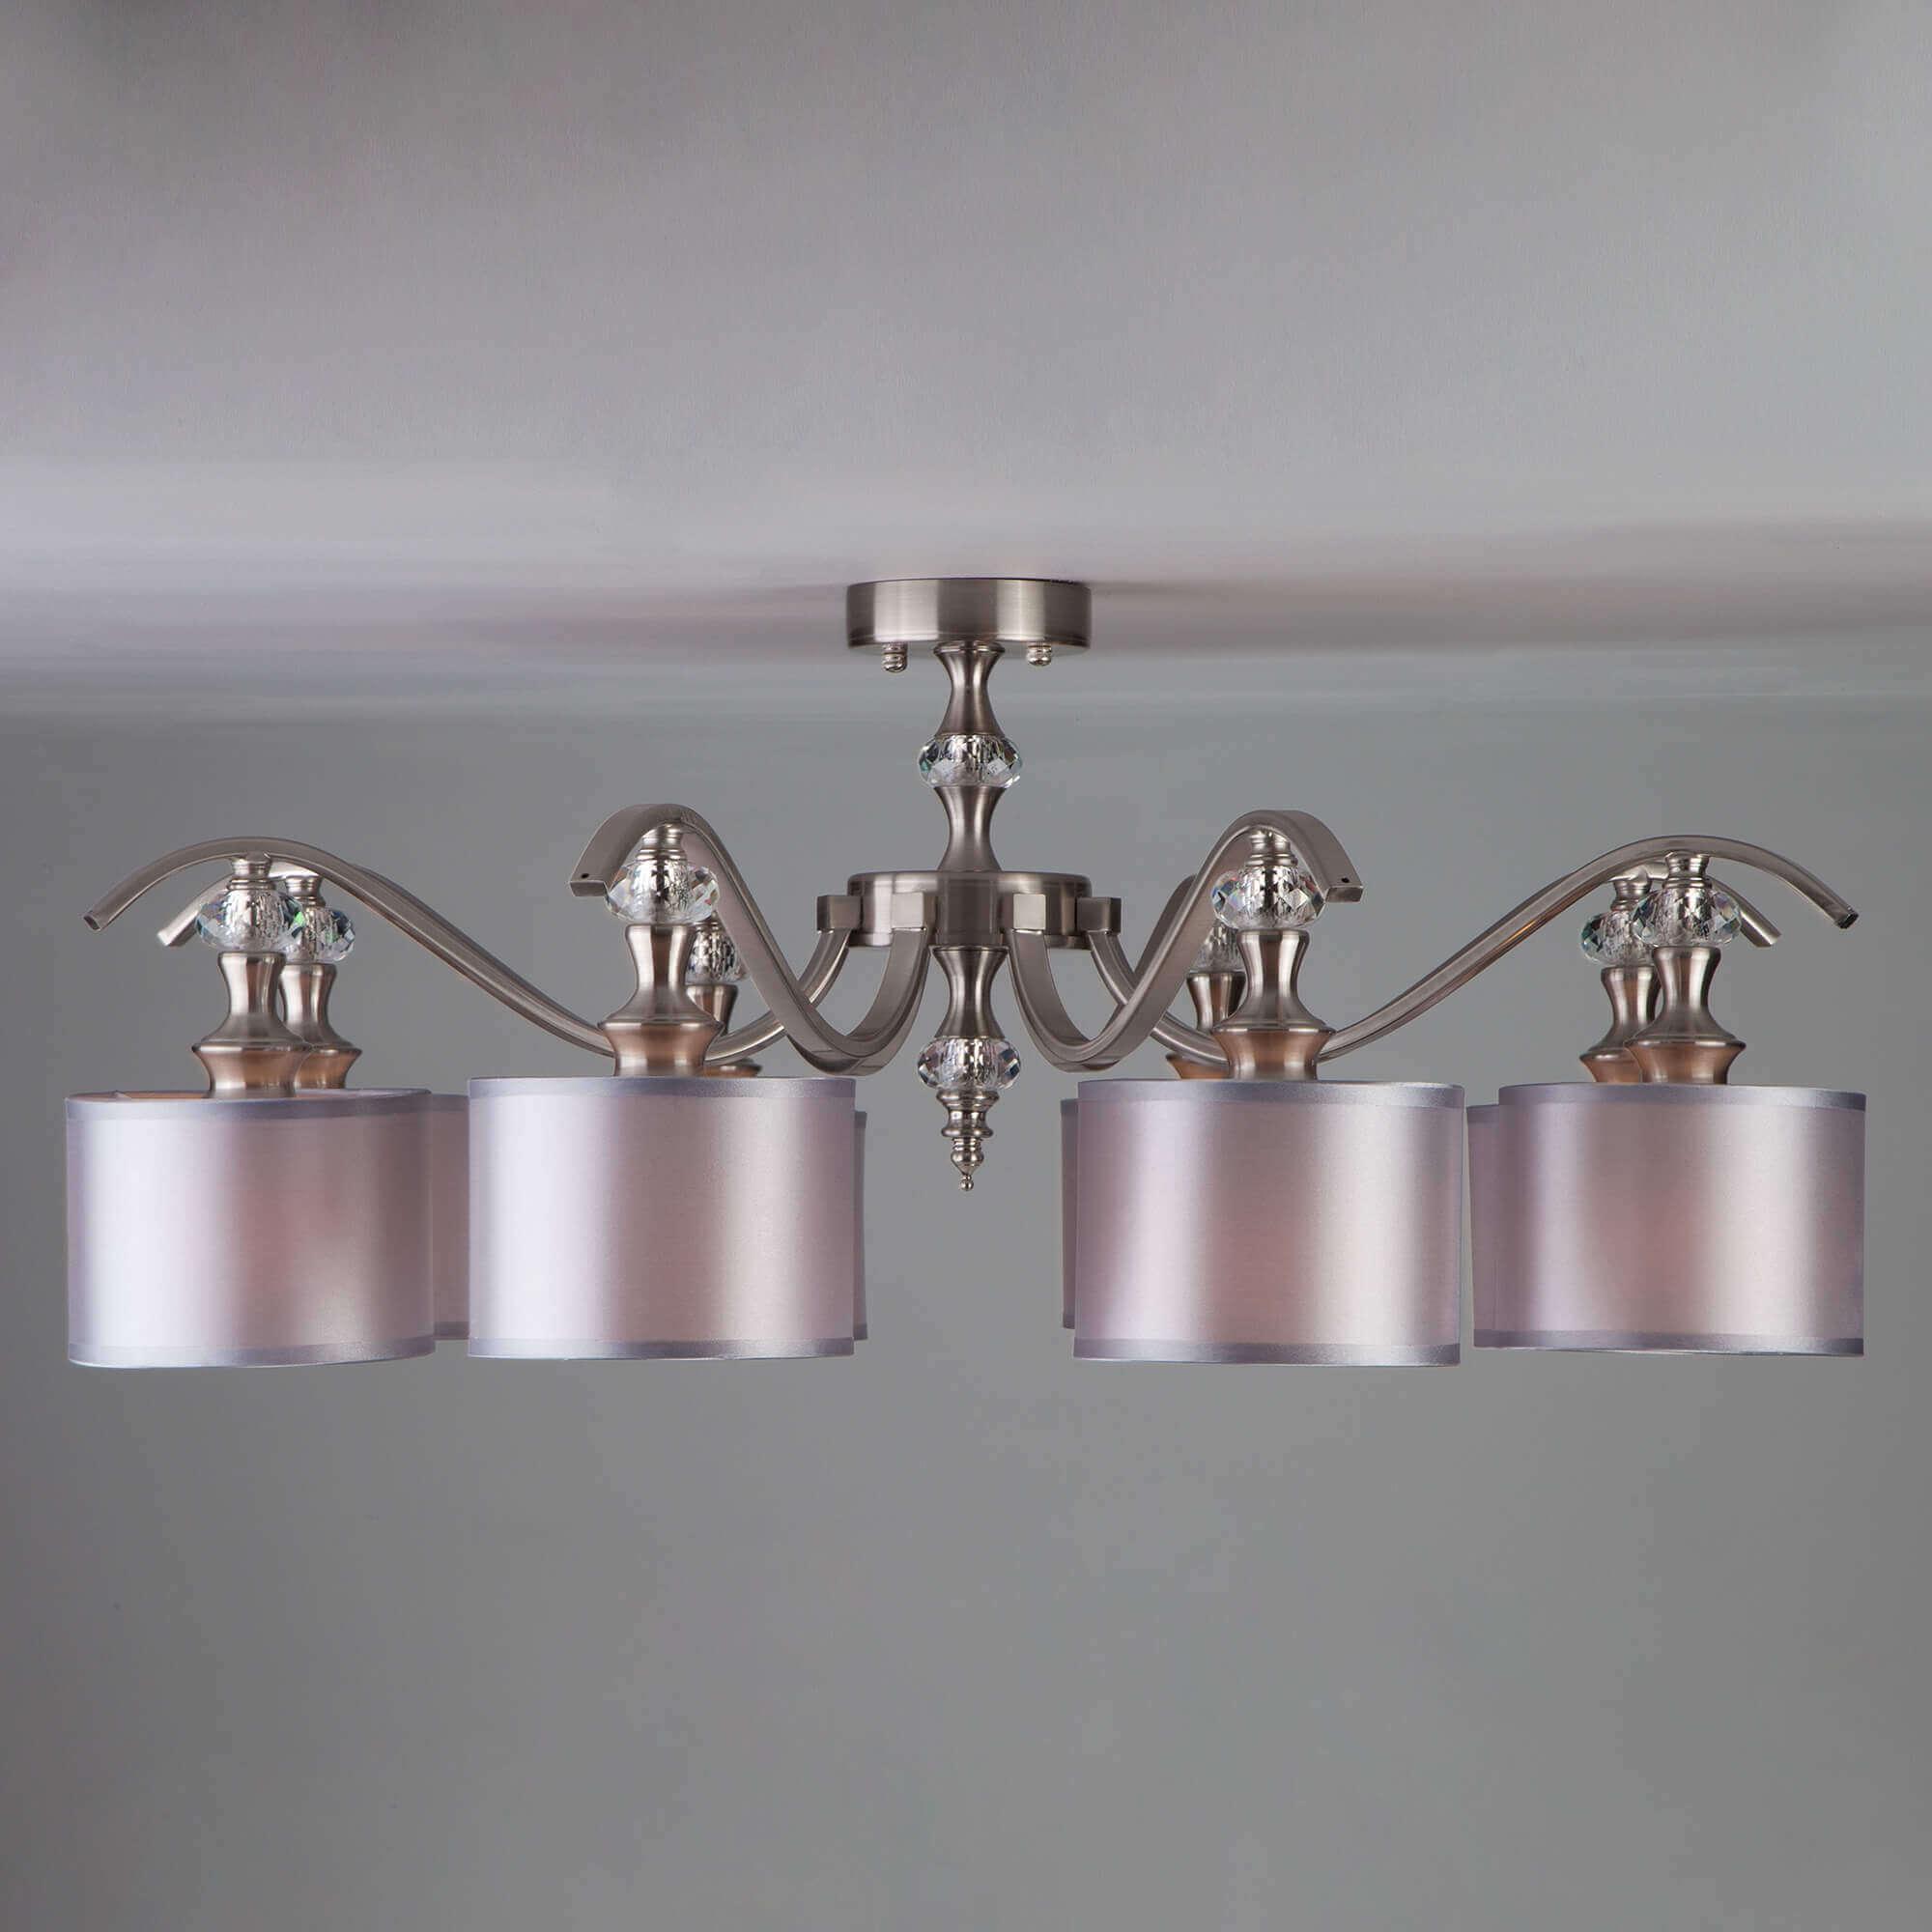 Купить потолочную люстру 60070/8 сатин-никель в Минске